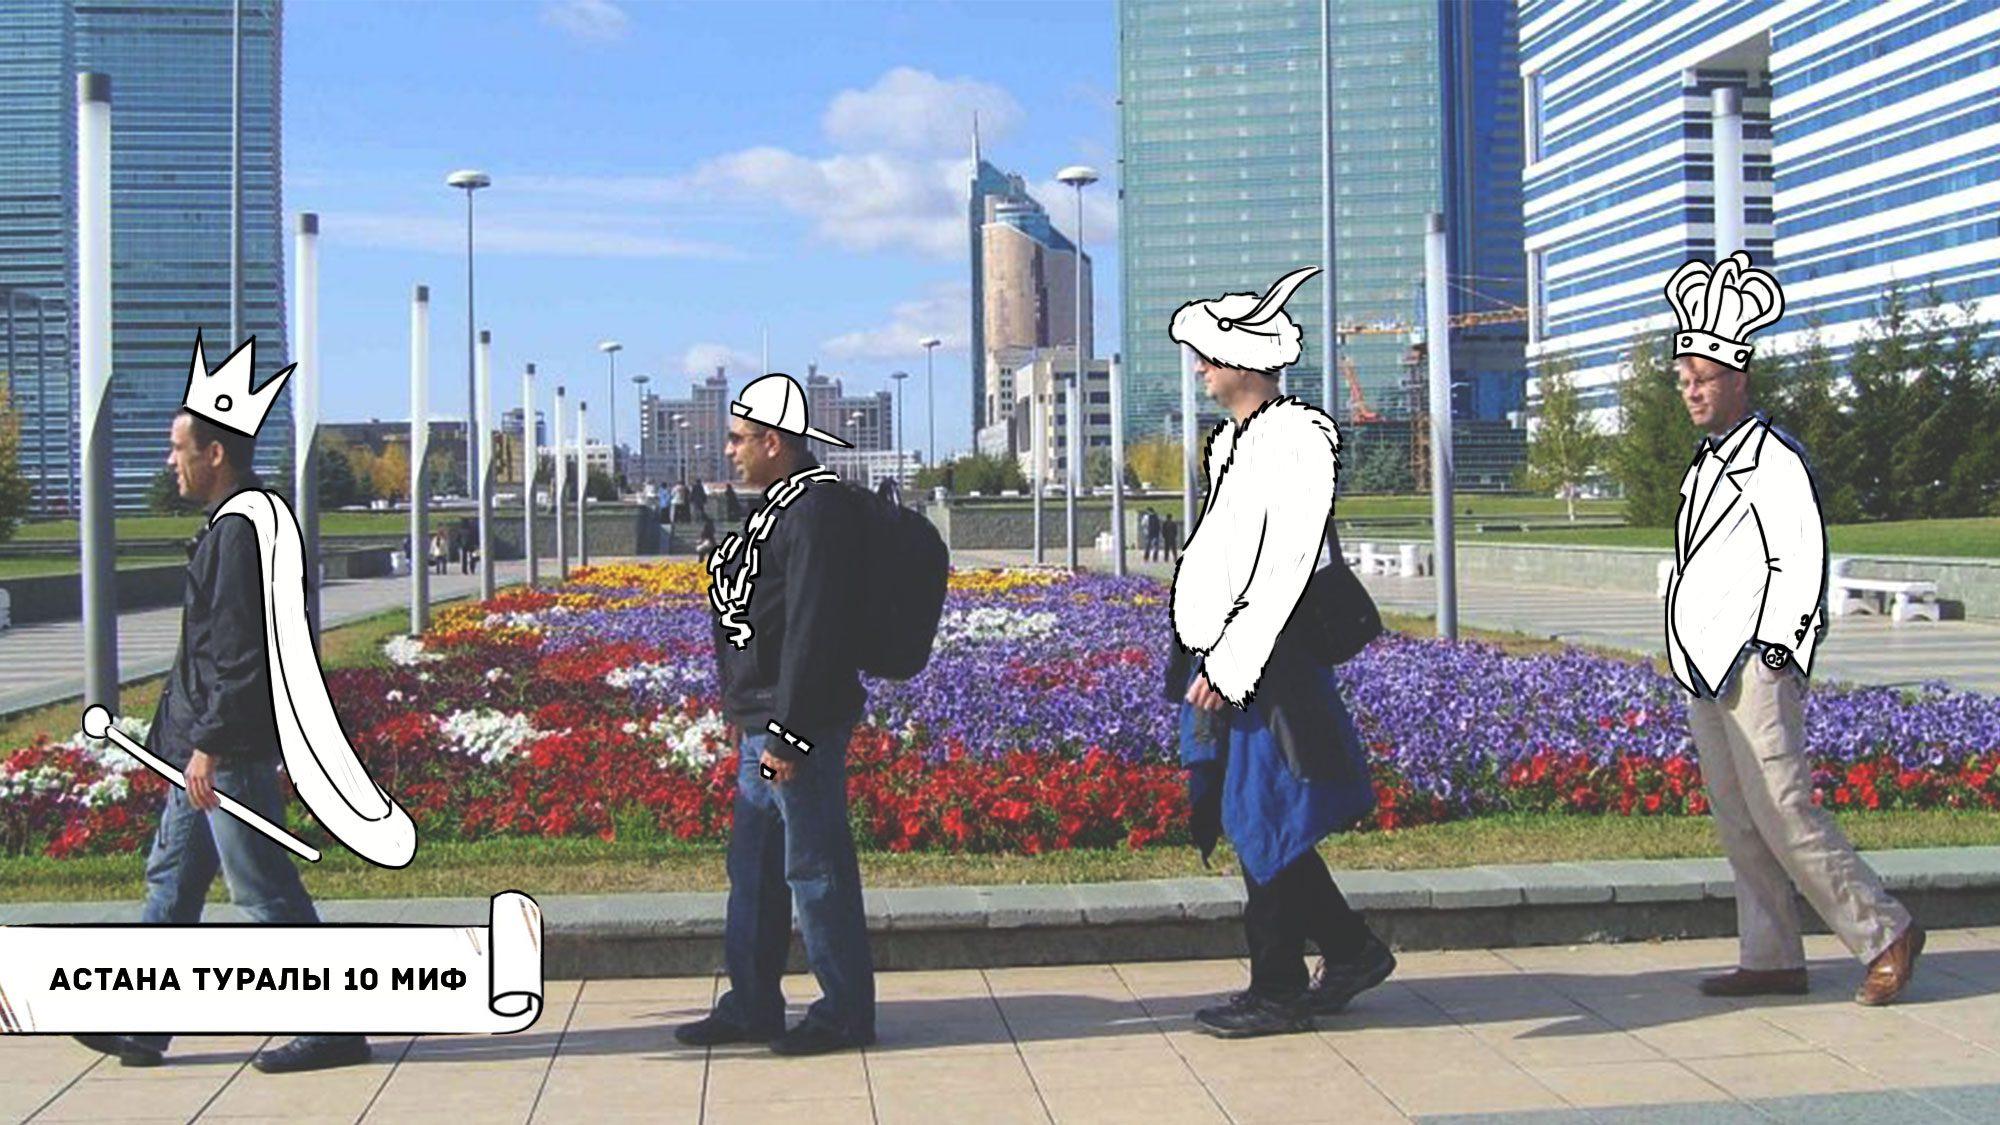 Астанаға көшіп барсаң, байисың